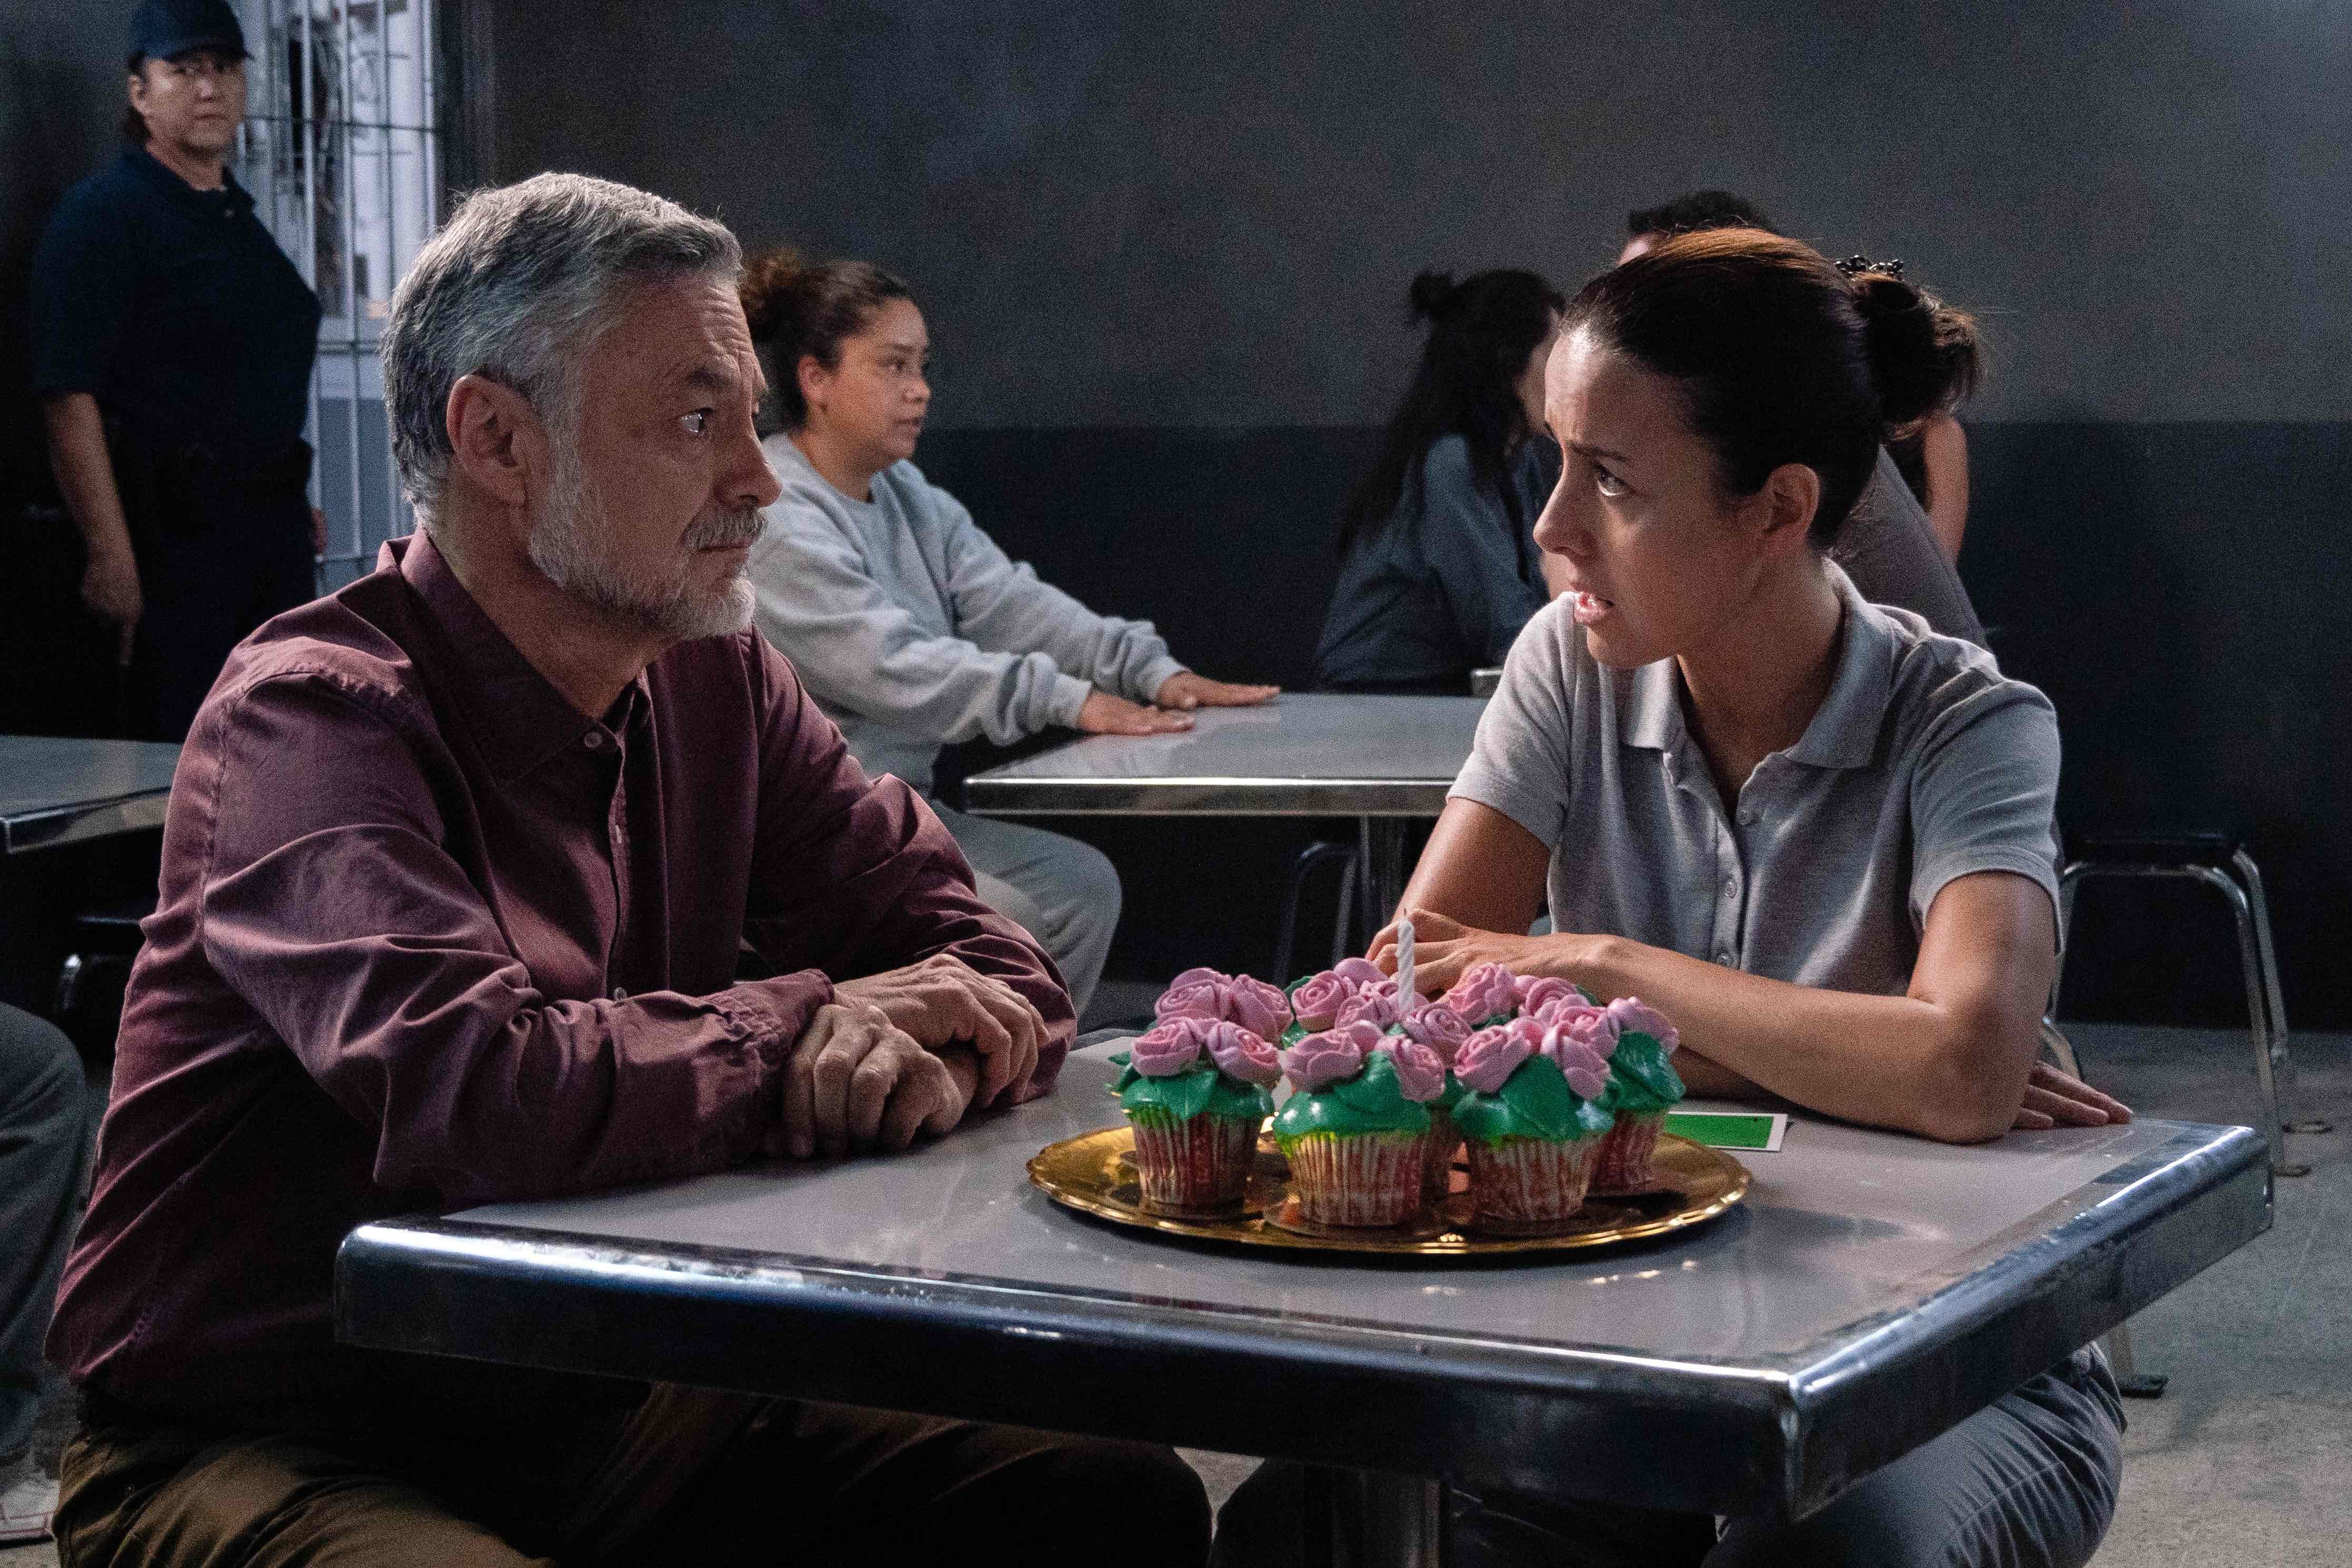 Review: Final Season of 'La Casa De Las Flores' Gives Us Prison Drama, 1970s Romance & Plenty of Laughs